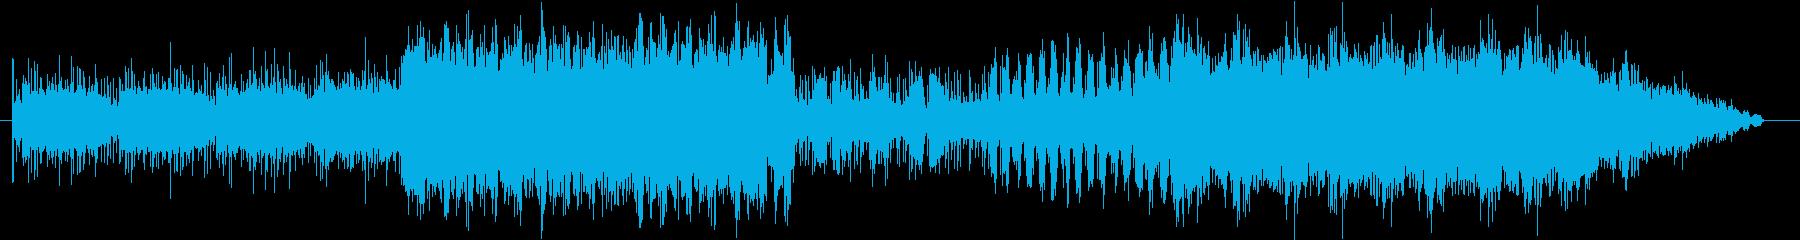 メルヘンチックなEDMの再生済みの波形